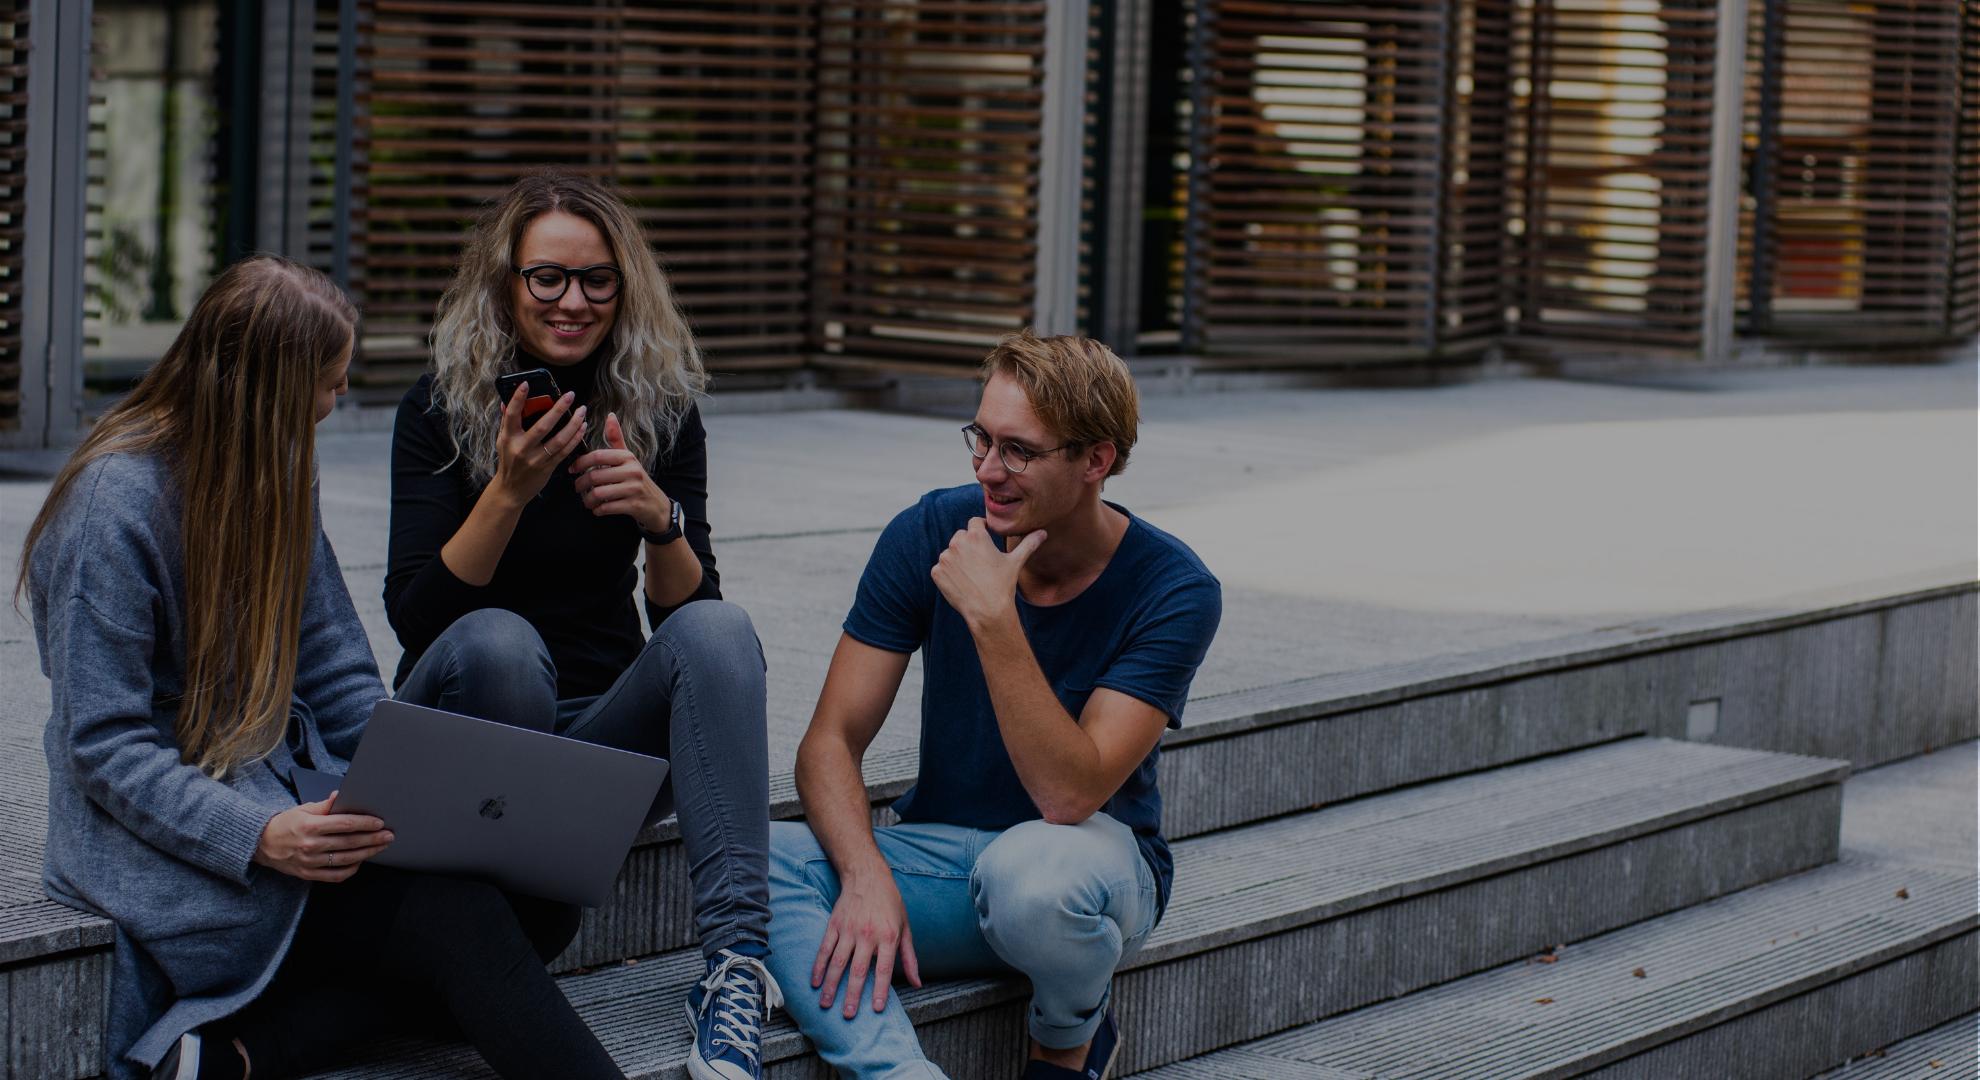 ¿Qué trabajos buscan los estudiantes?